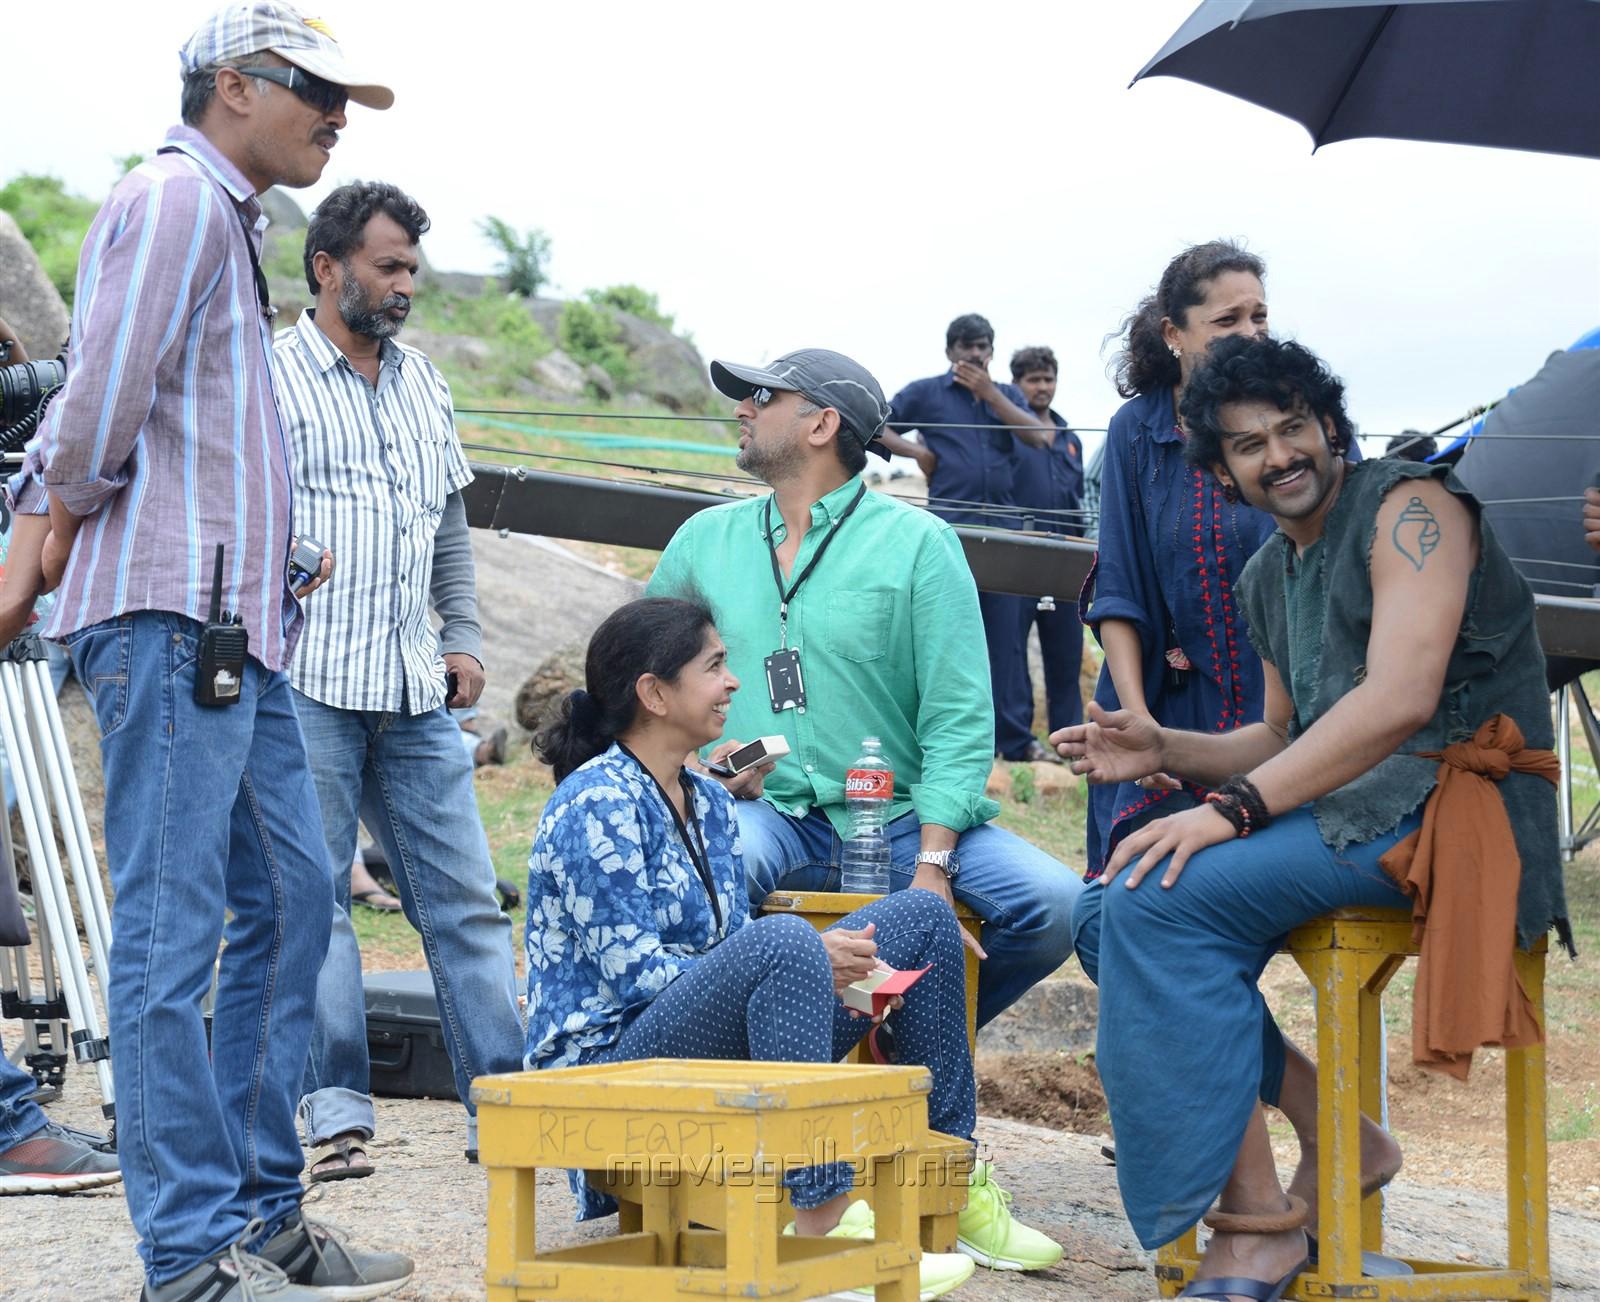 picture 896486 rama rajamouli prabhas baahubali movie